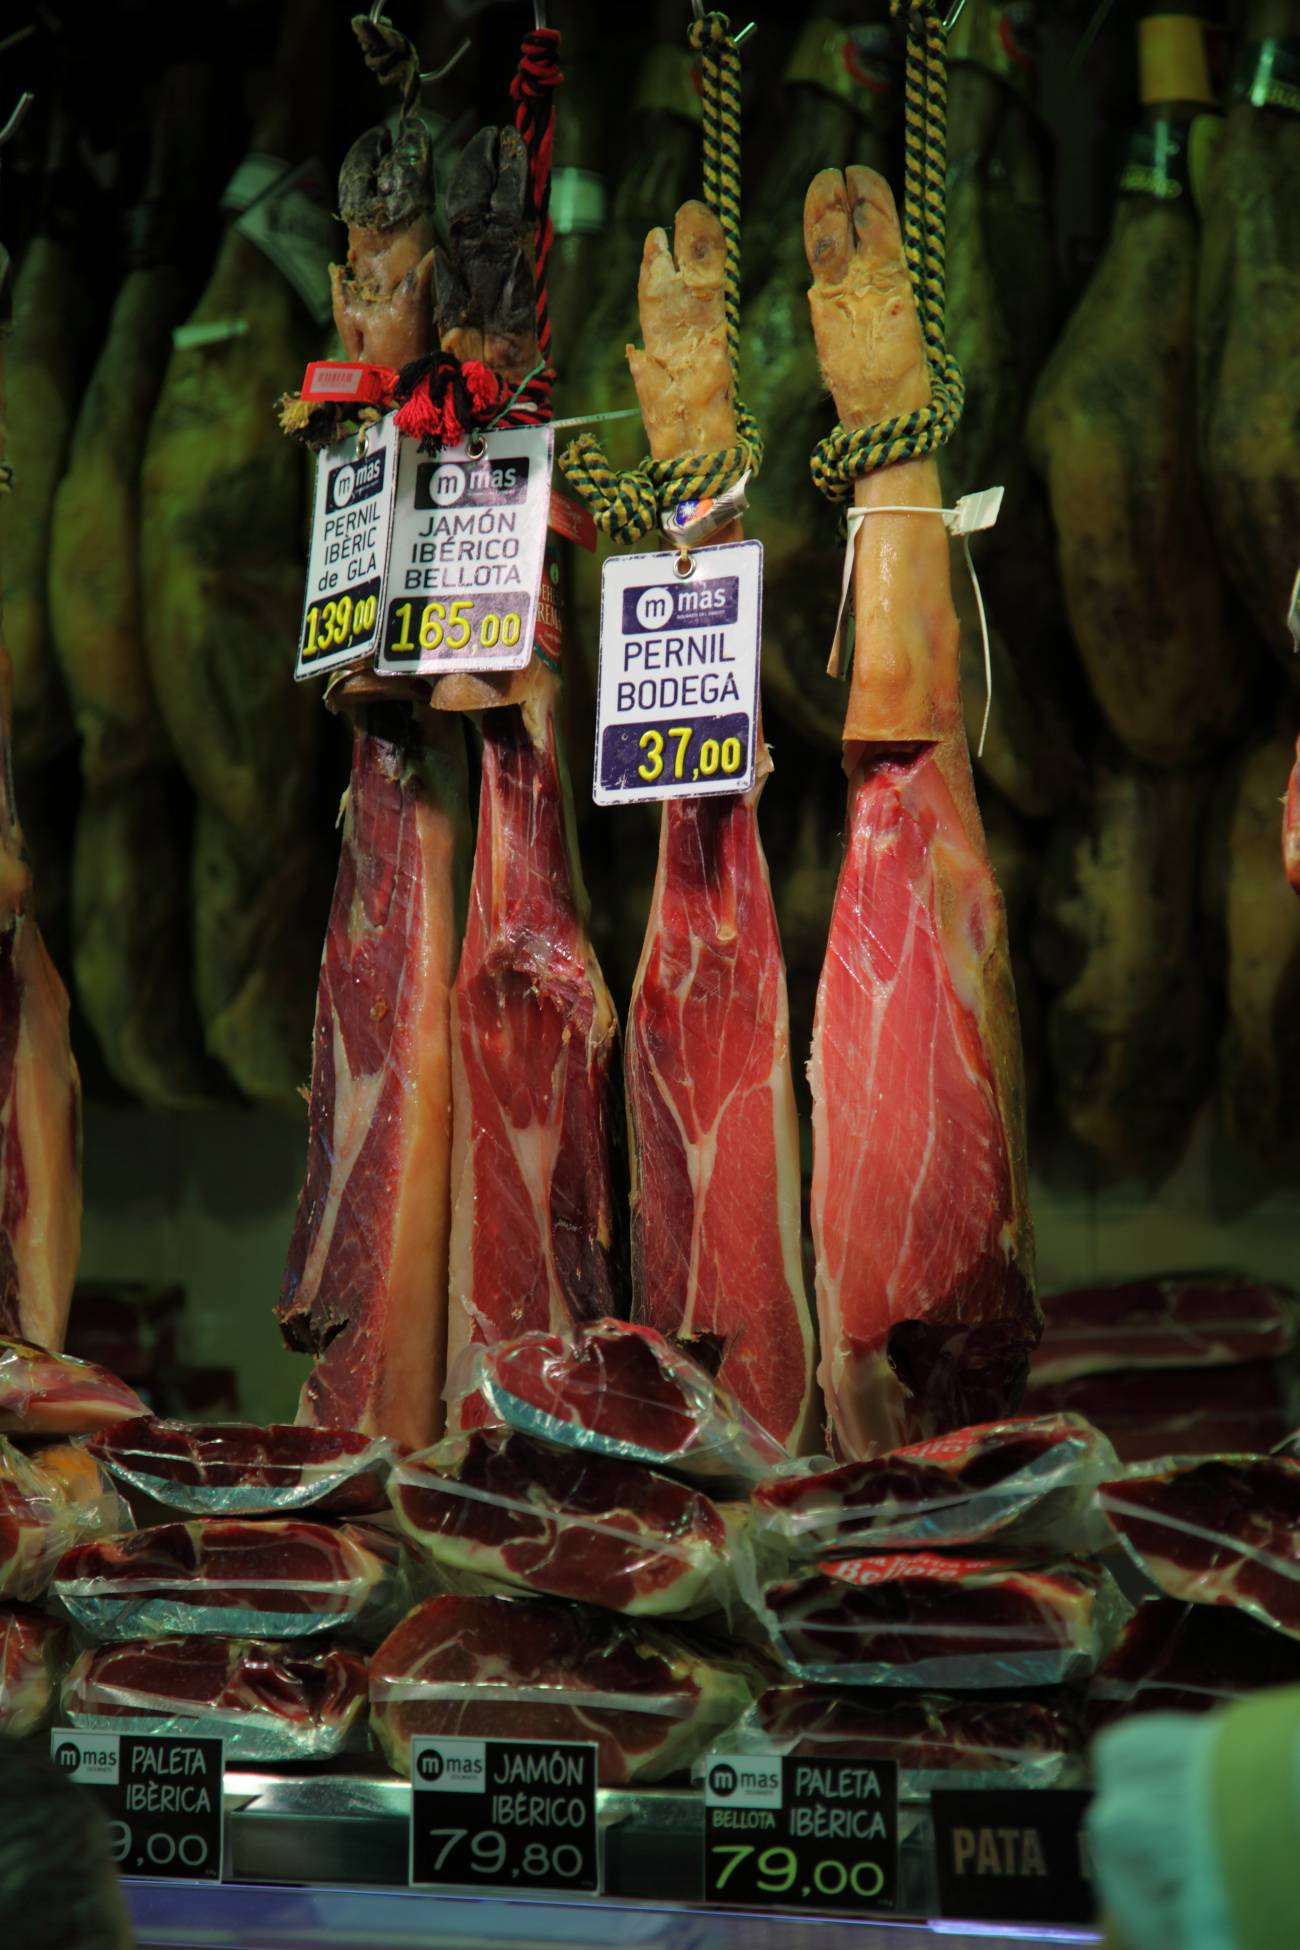 La innovación en los alimentos tradicionales puede dañar su imagen